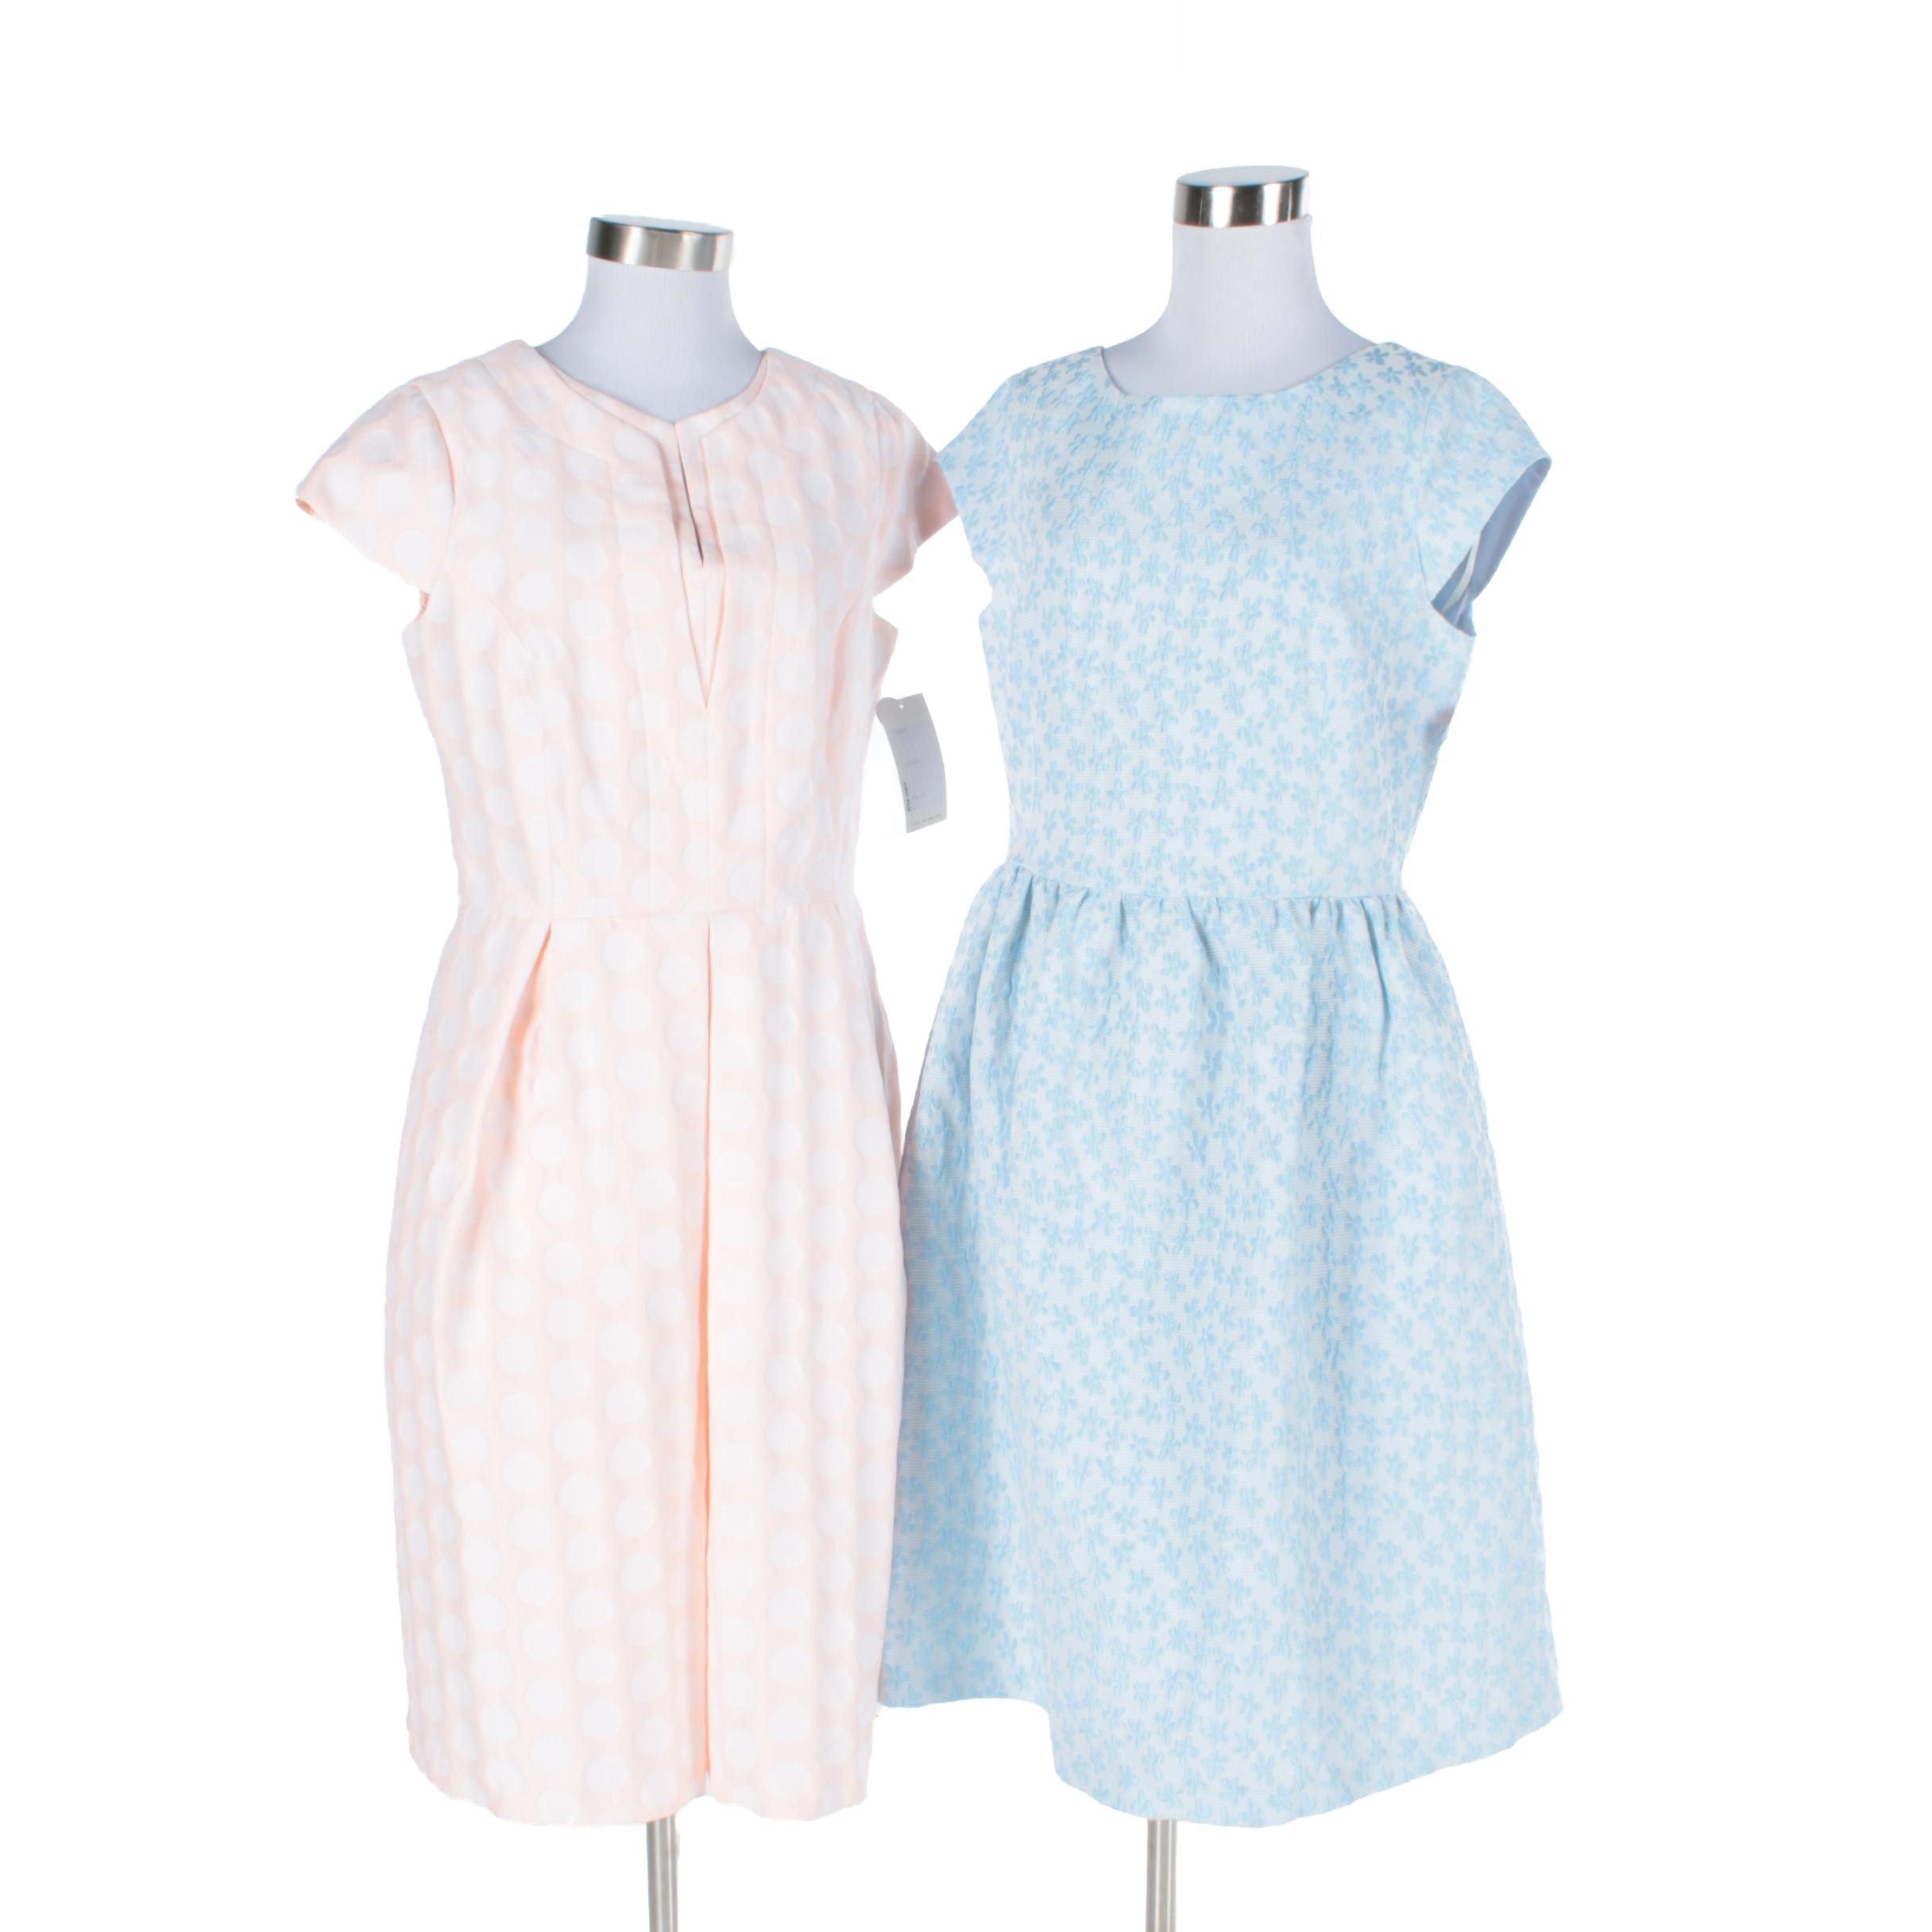 Helene Berman London Dresses